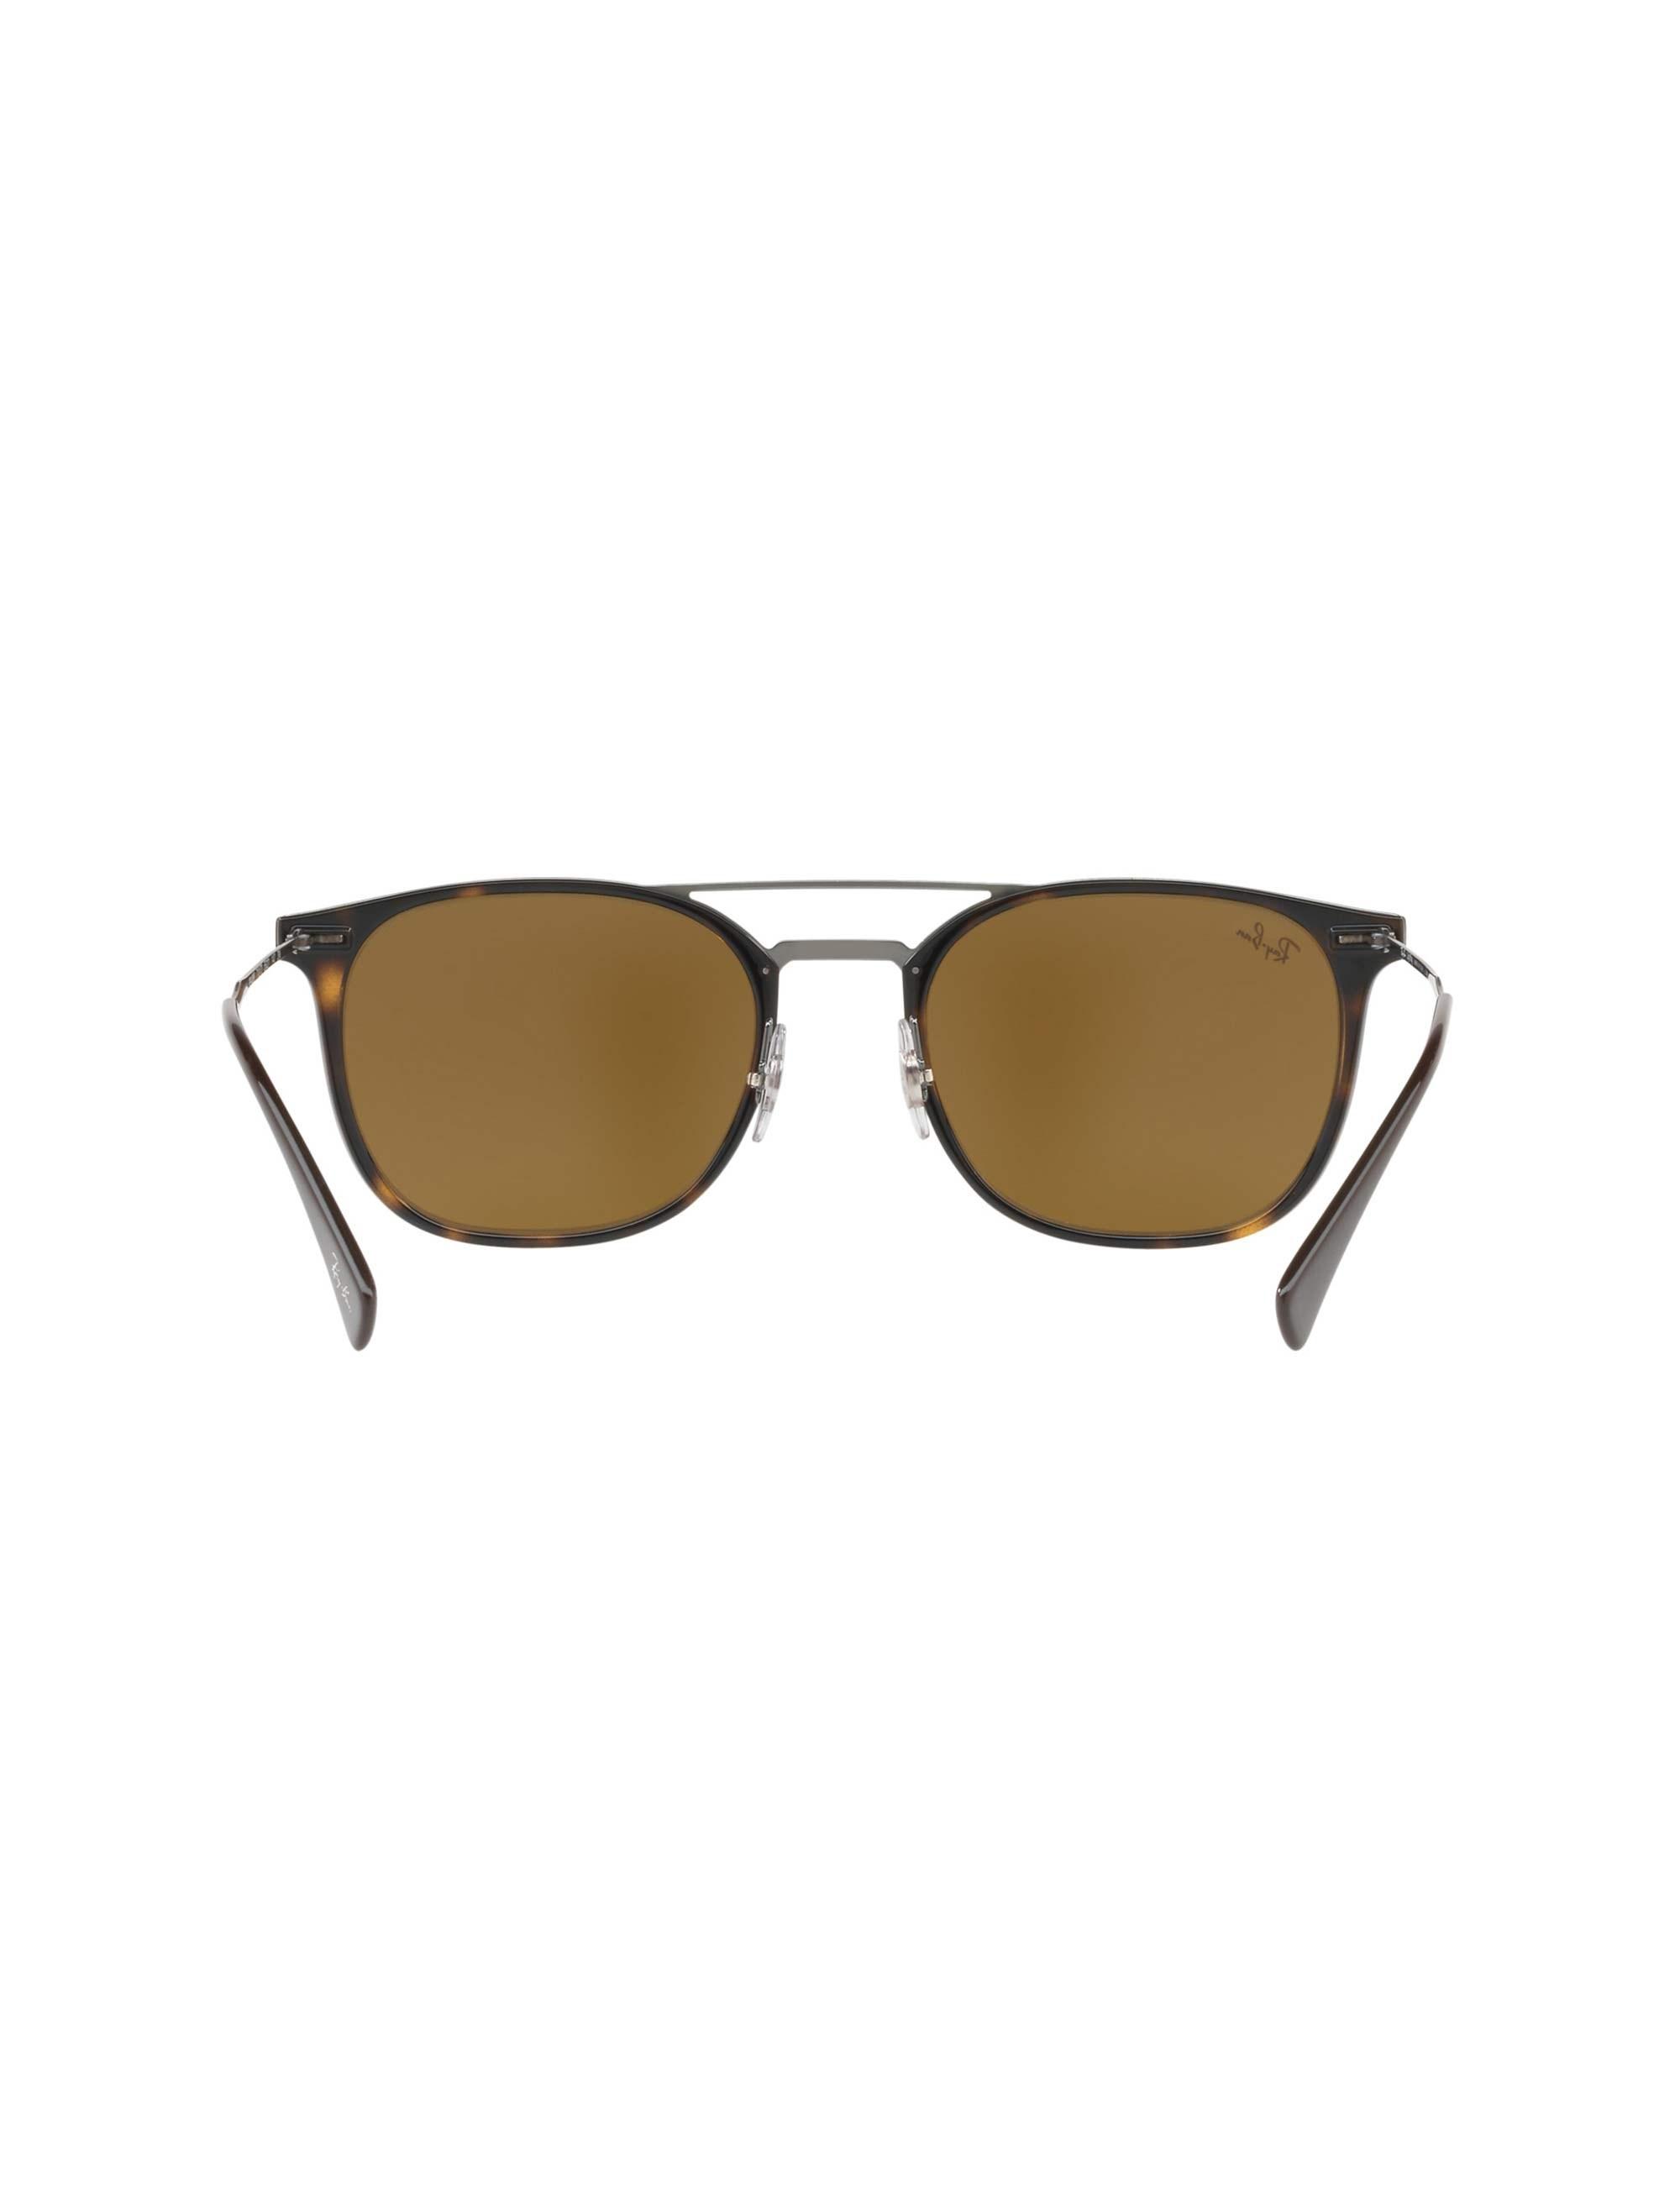 عینک آفتابی مربع مردانه - ری بن